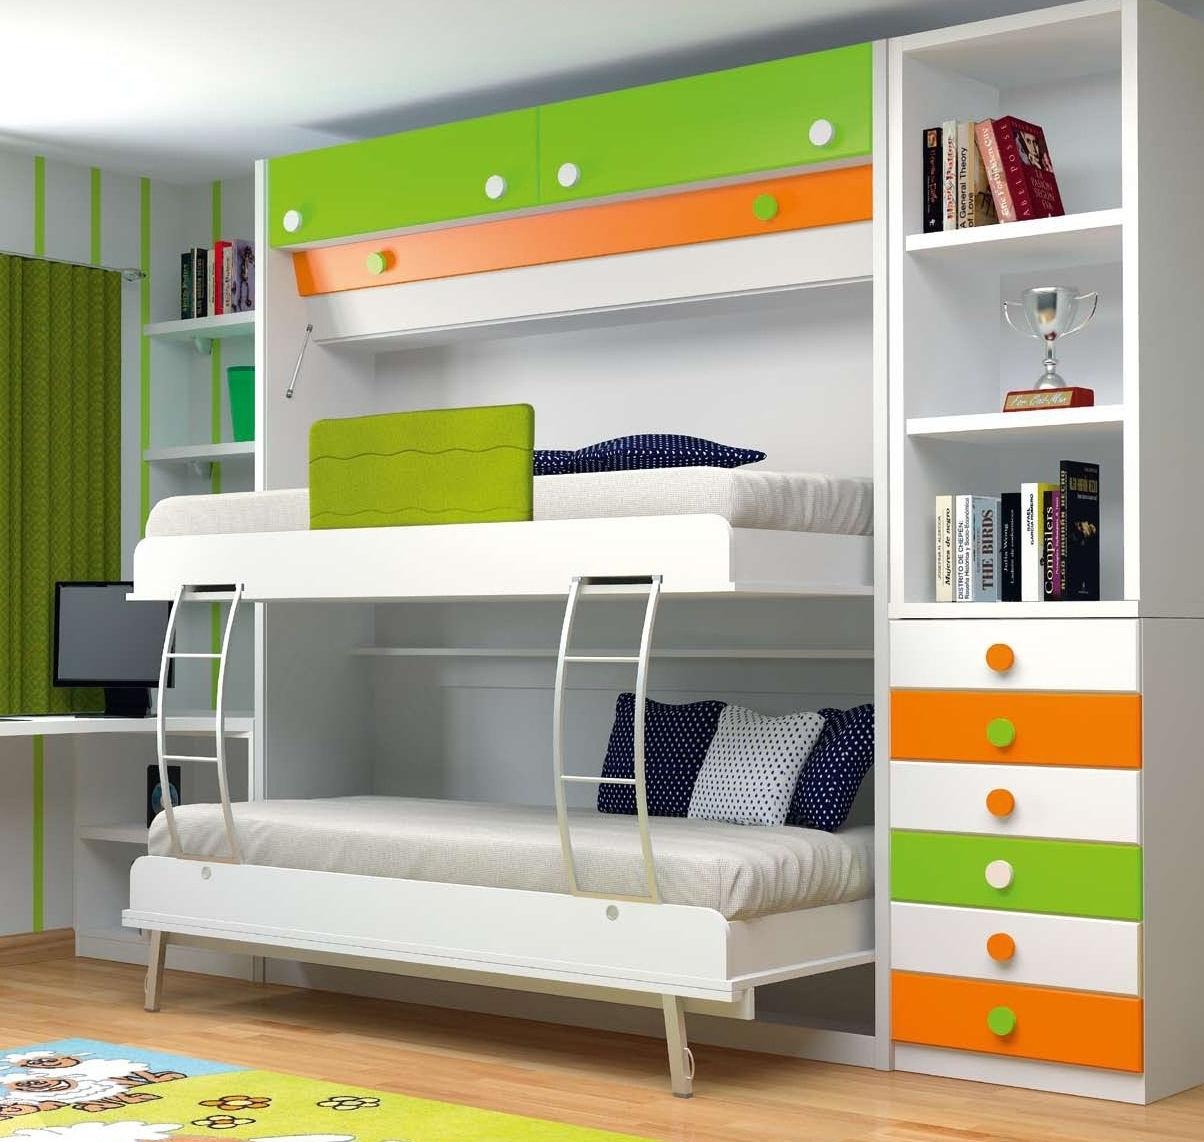 Letti a castello cura dei mobili prezzi e modelli dei letti a castello - Letto a castello ...